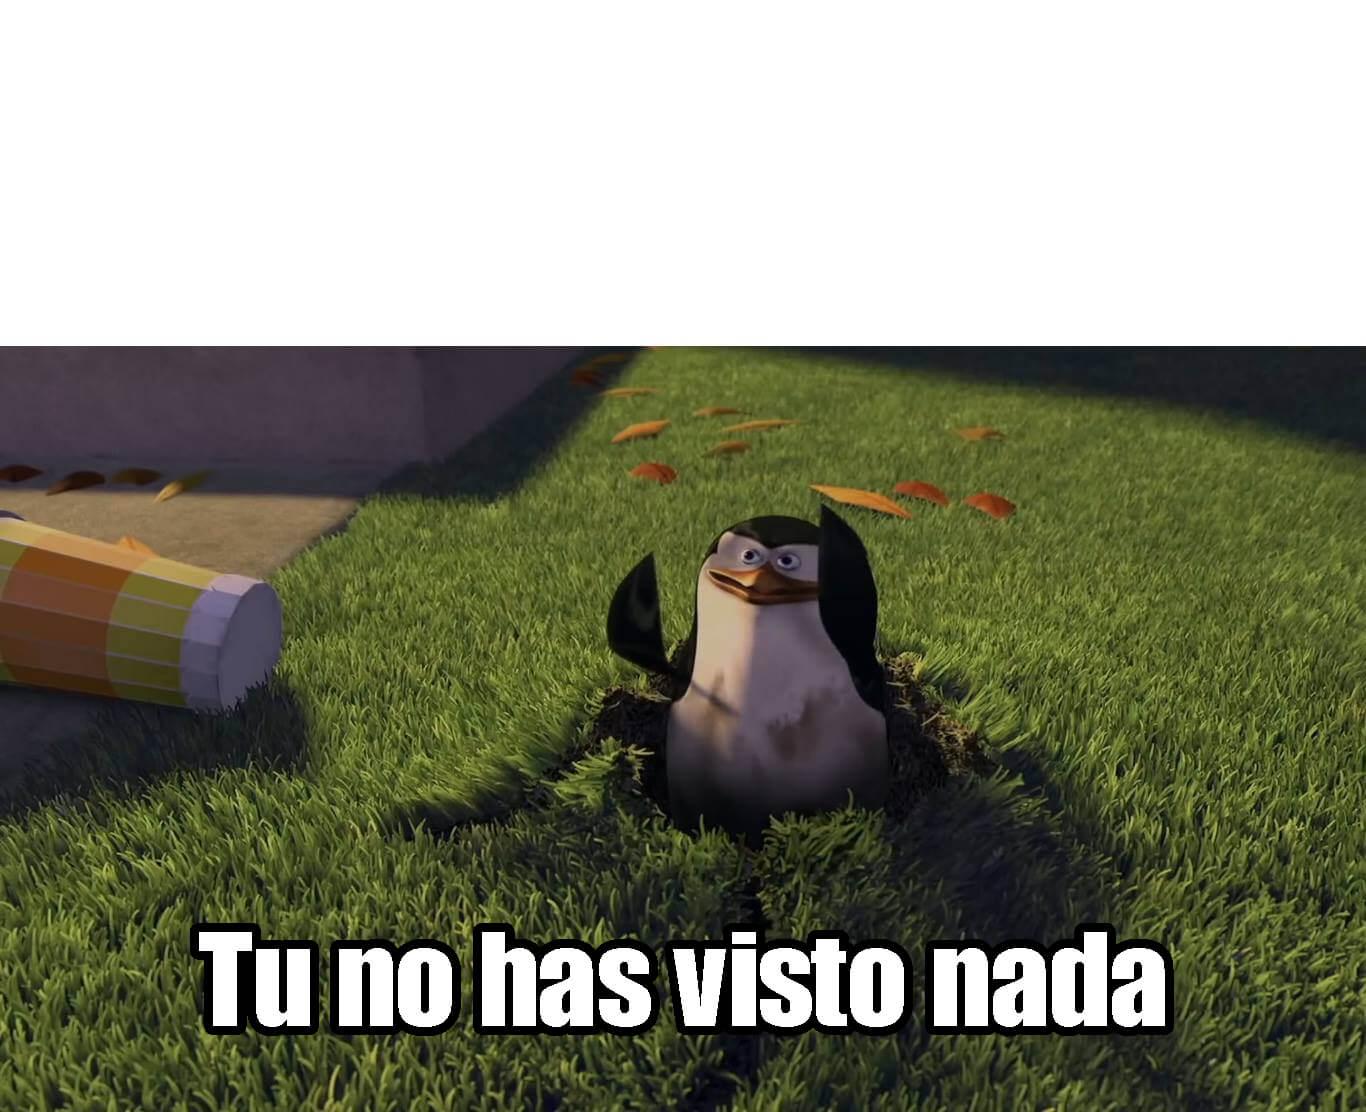 Plantilla de Tu no has visto nada